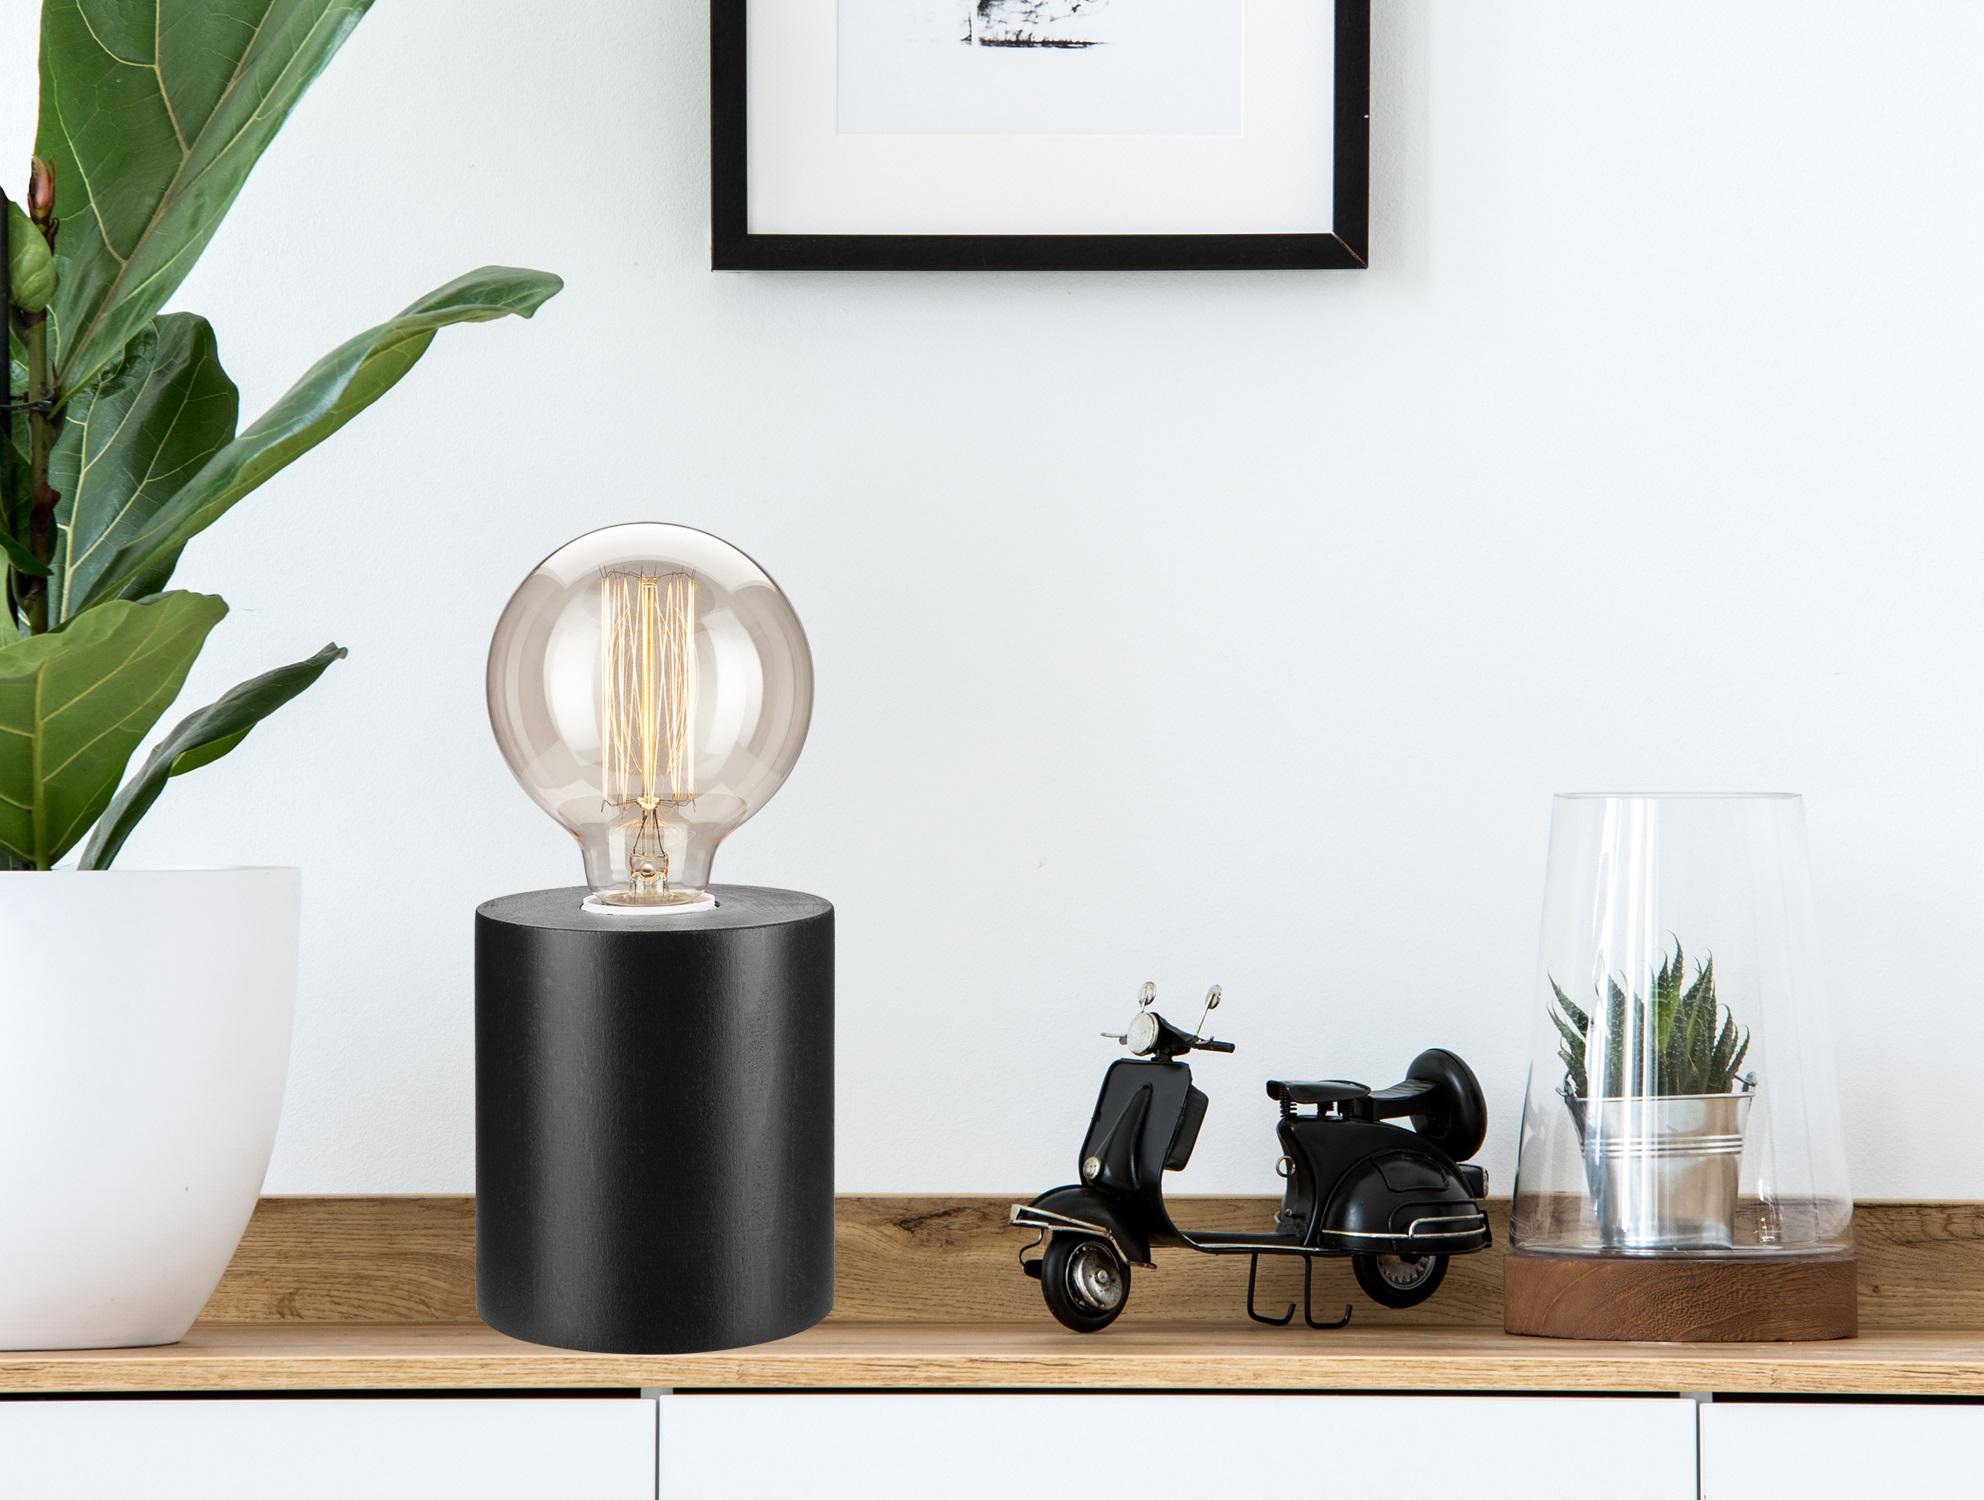 Lampka w sypialni – jak wybrać tę idealną?